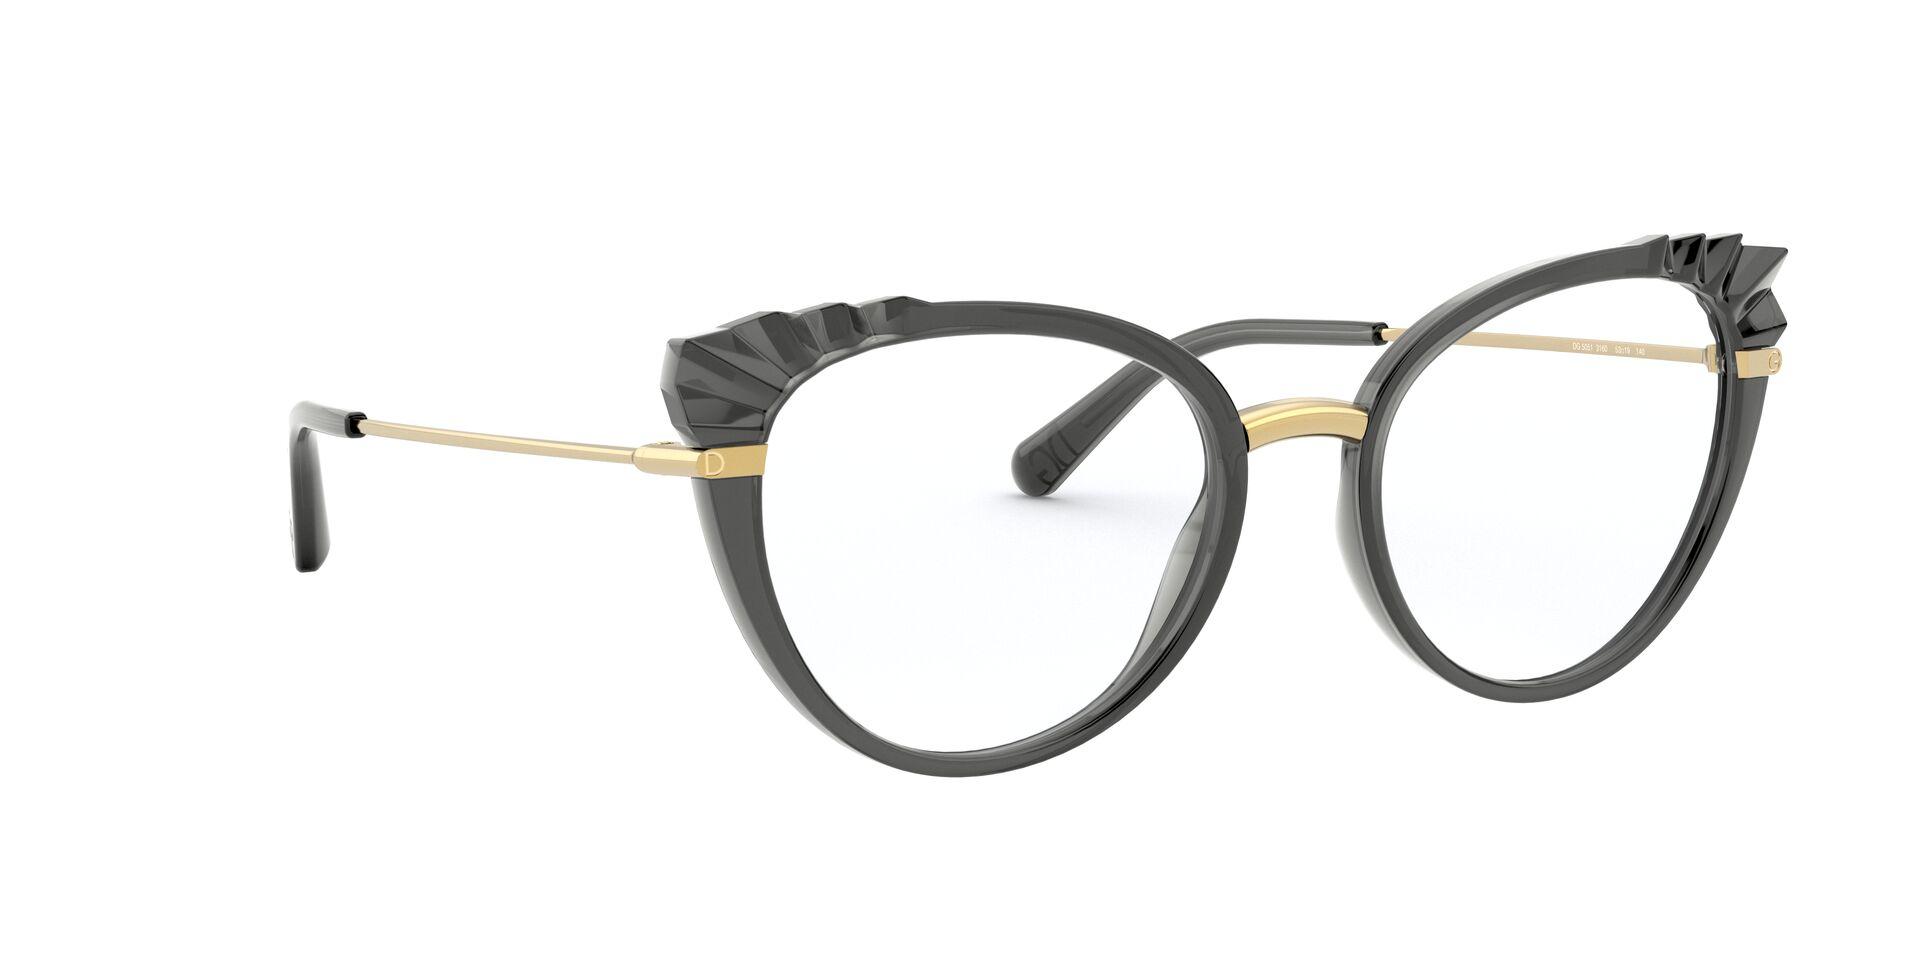 Dolce & Gabbana DG5051 3160 53